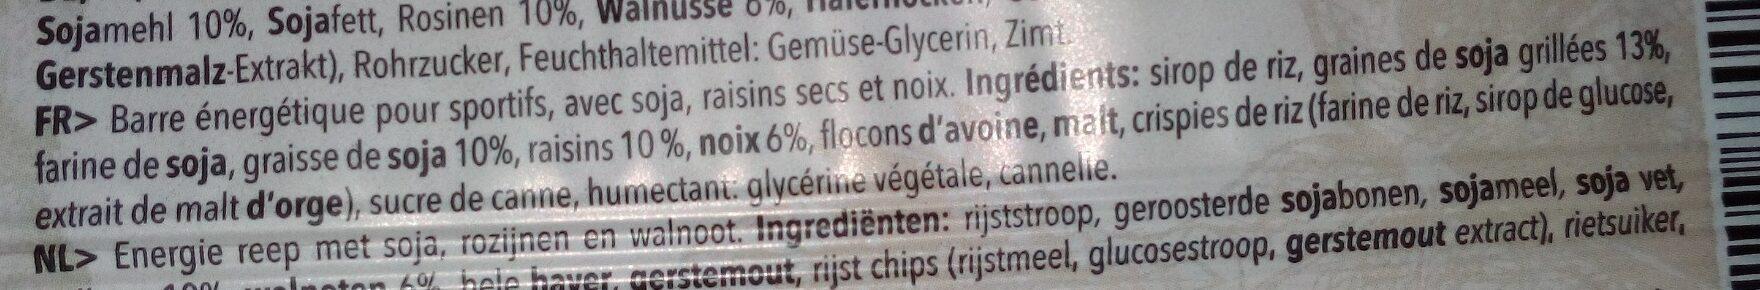 Barre énergétique raisin sec et noix - Ingrédients